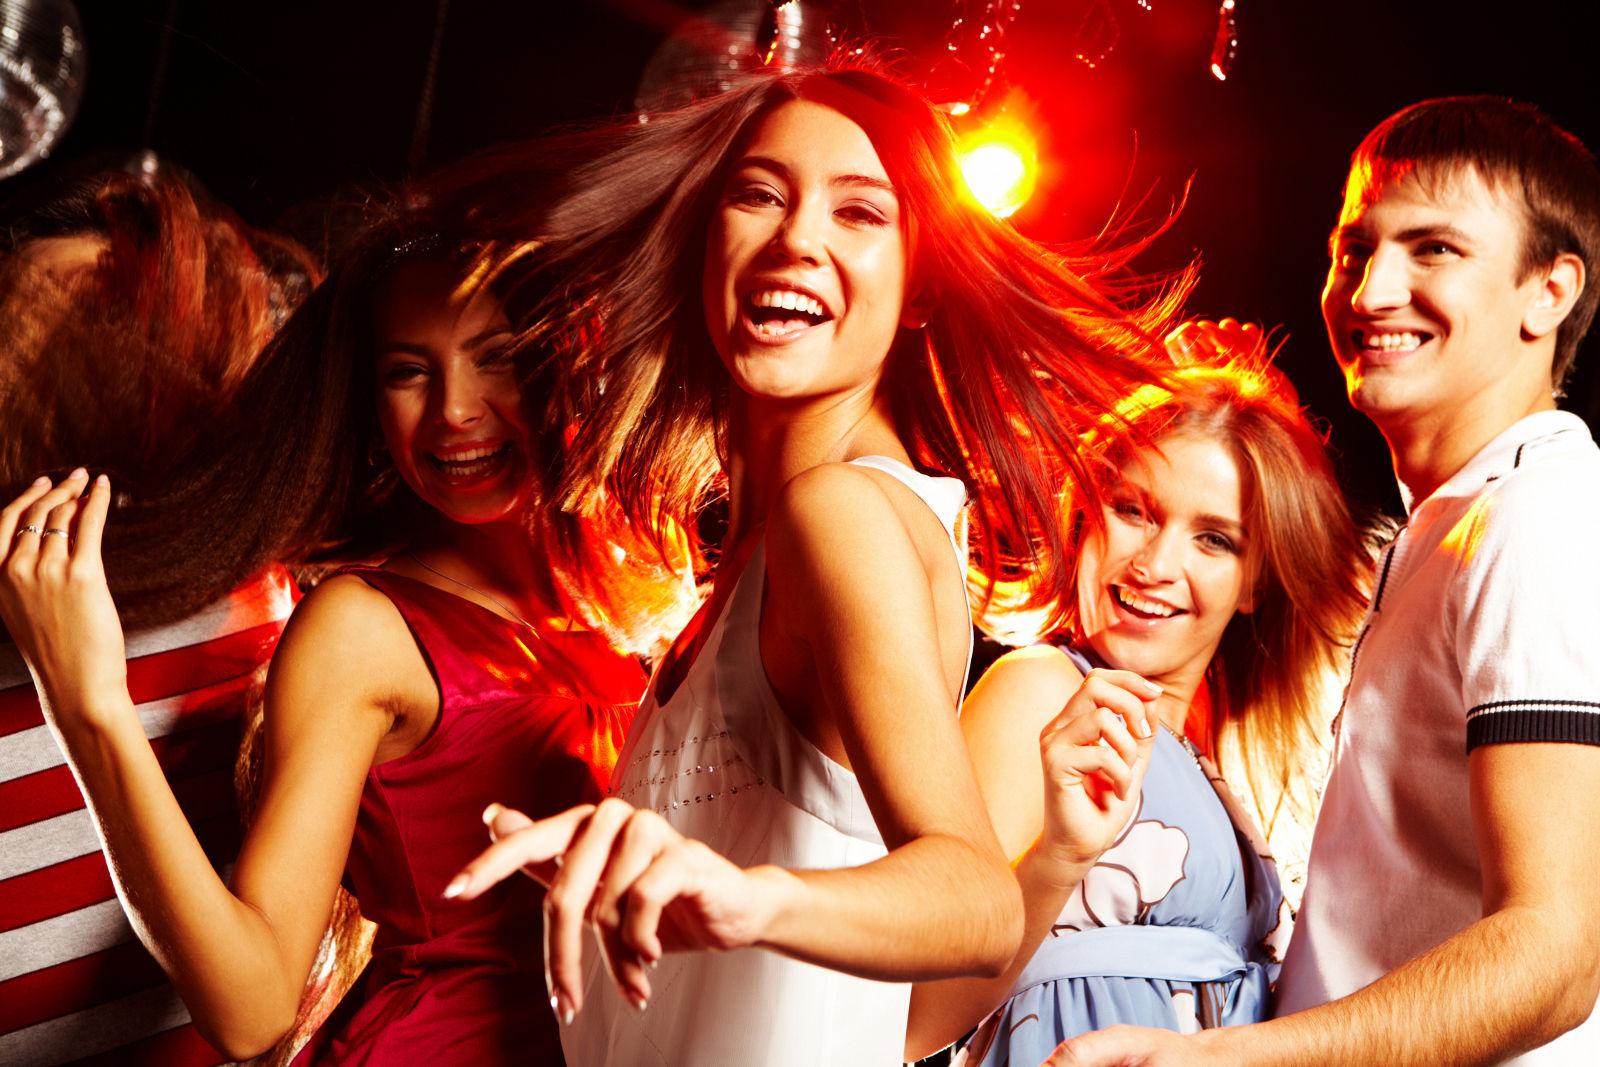 Llegas a una fiesta en casa de un amigo tuyo con otros dos amigos...